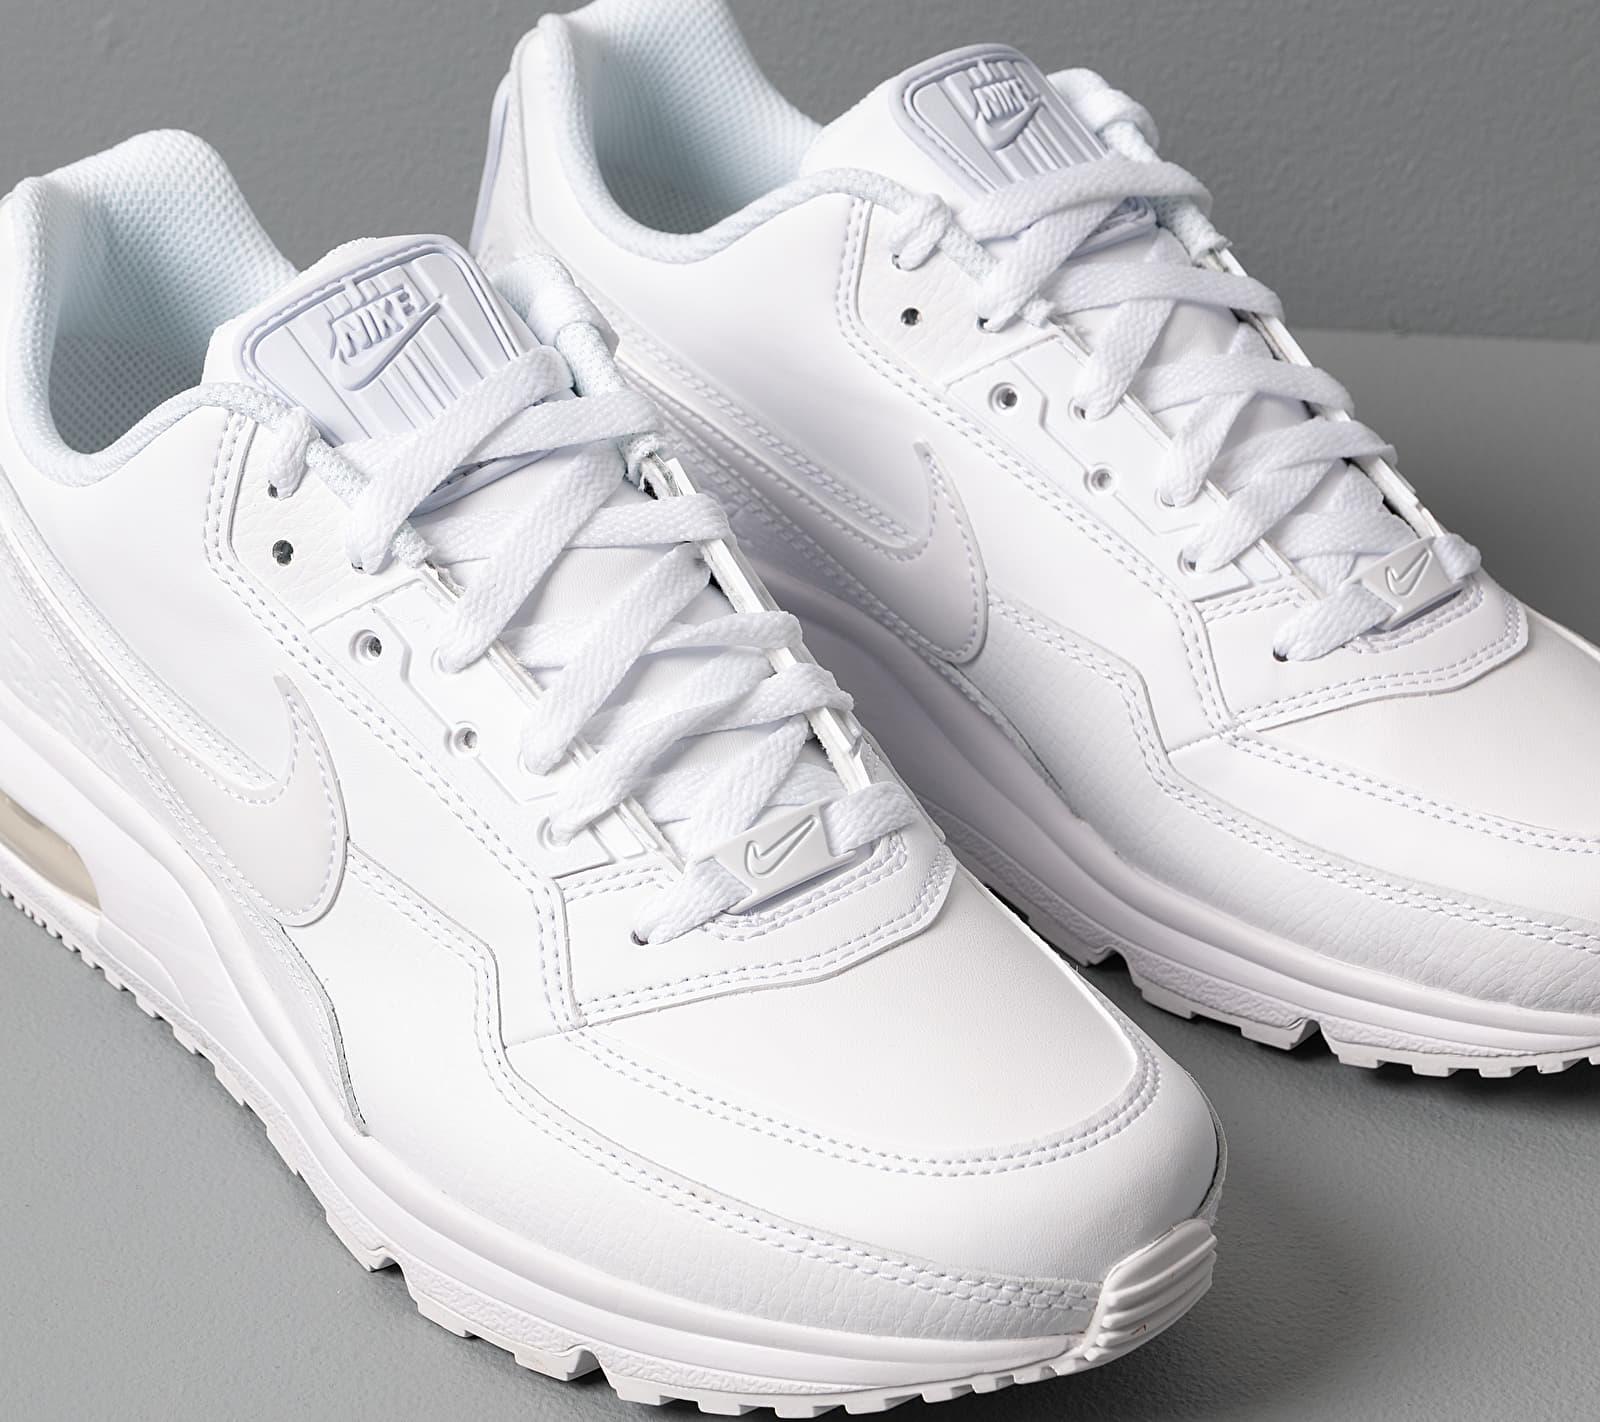 Nike Air Max LTD 3 White/ White-White